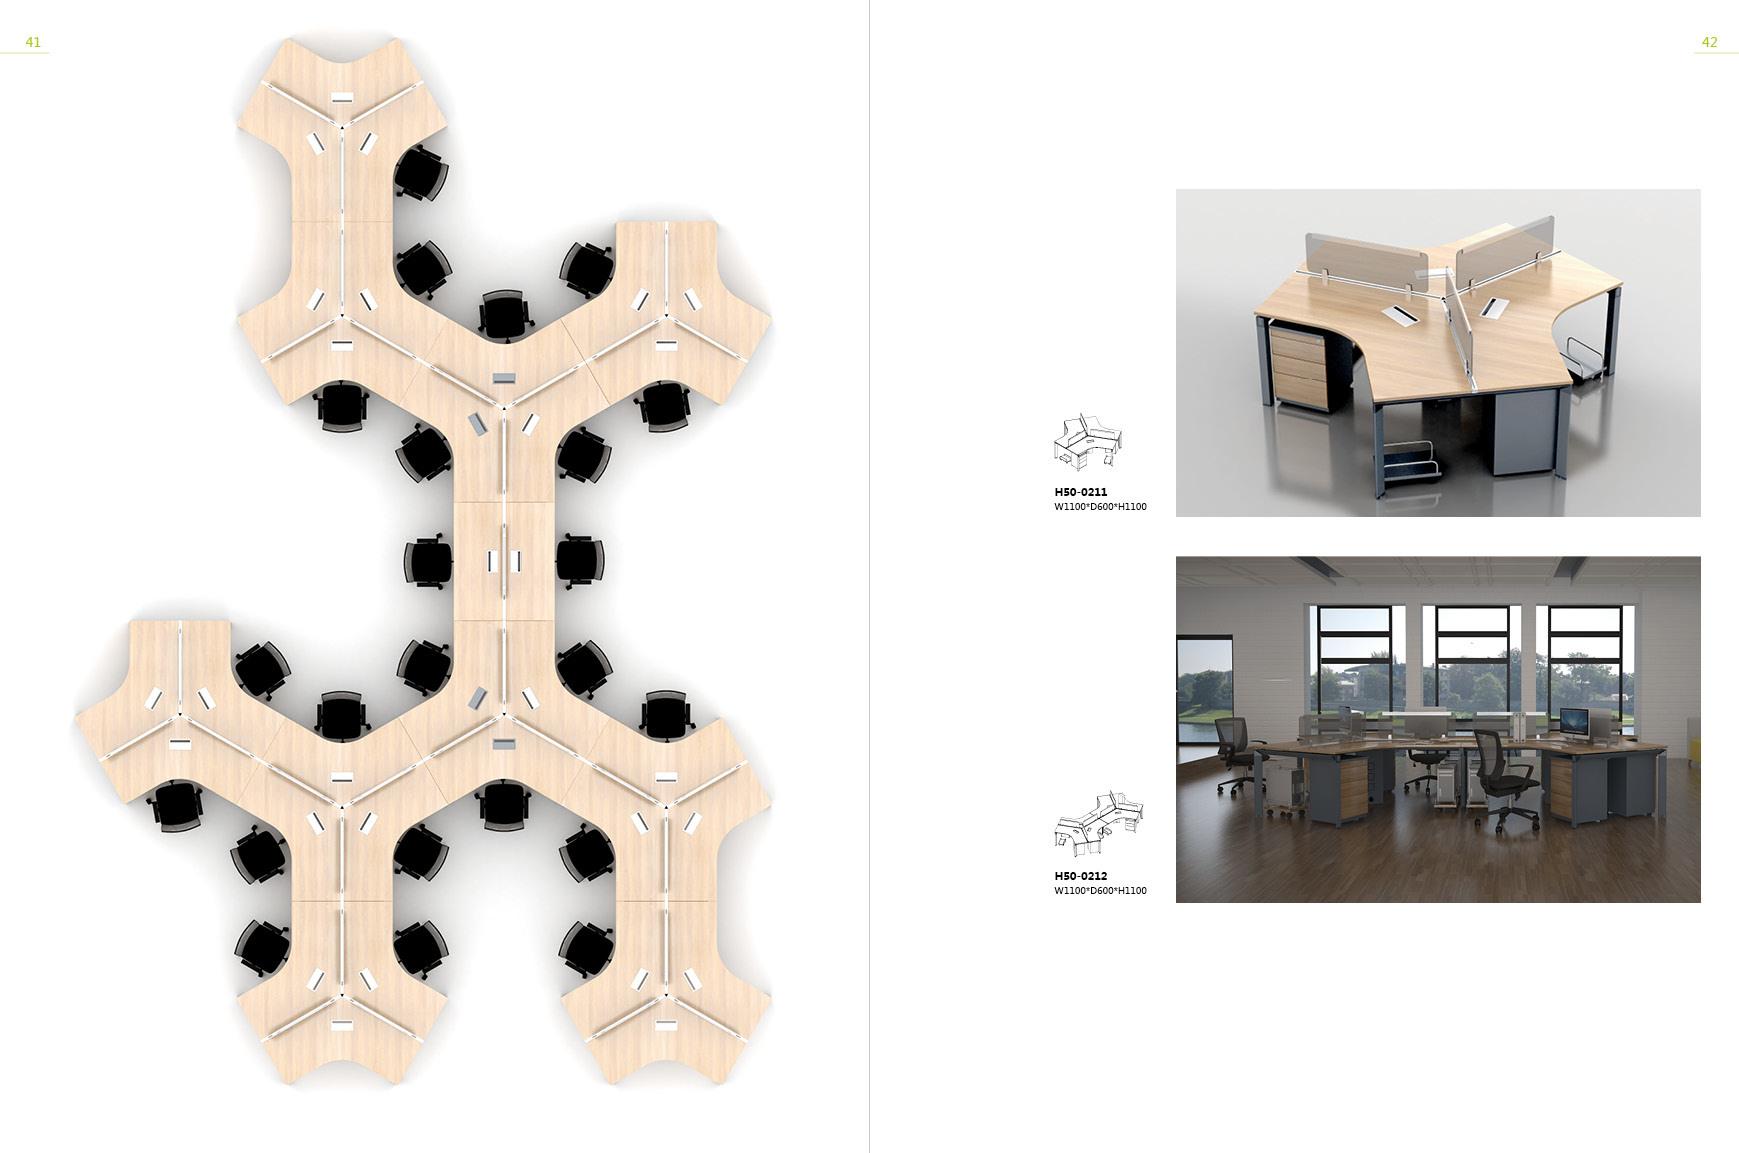 Disposition de conception espace ouvert de 3 places station de